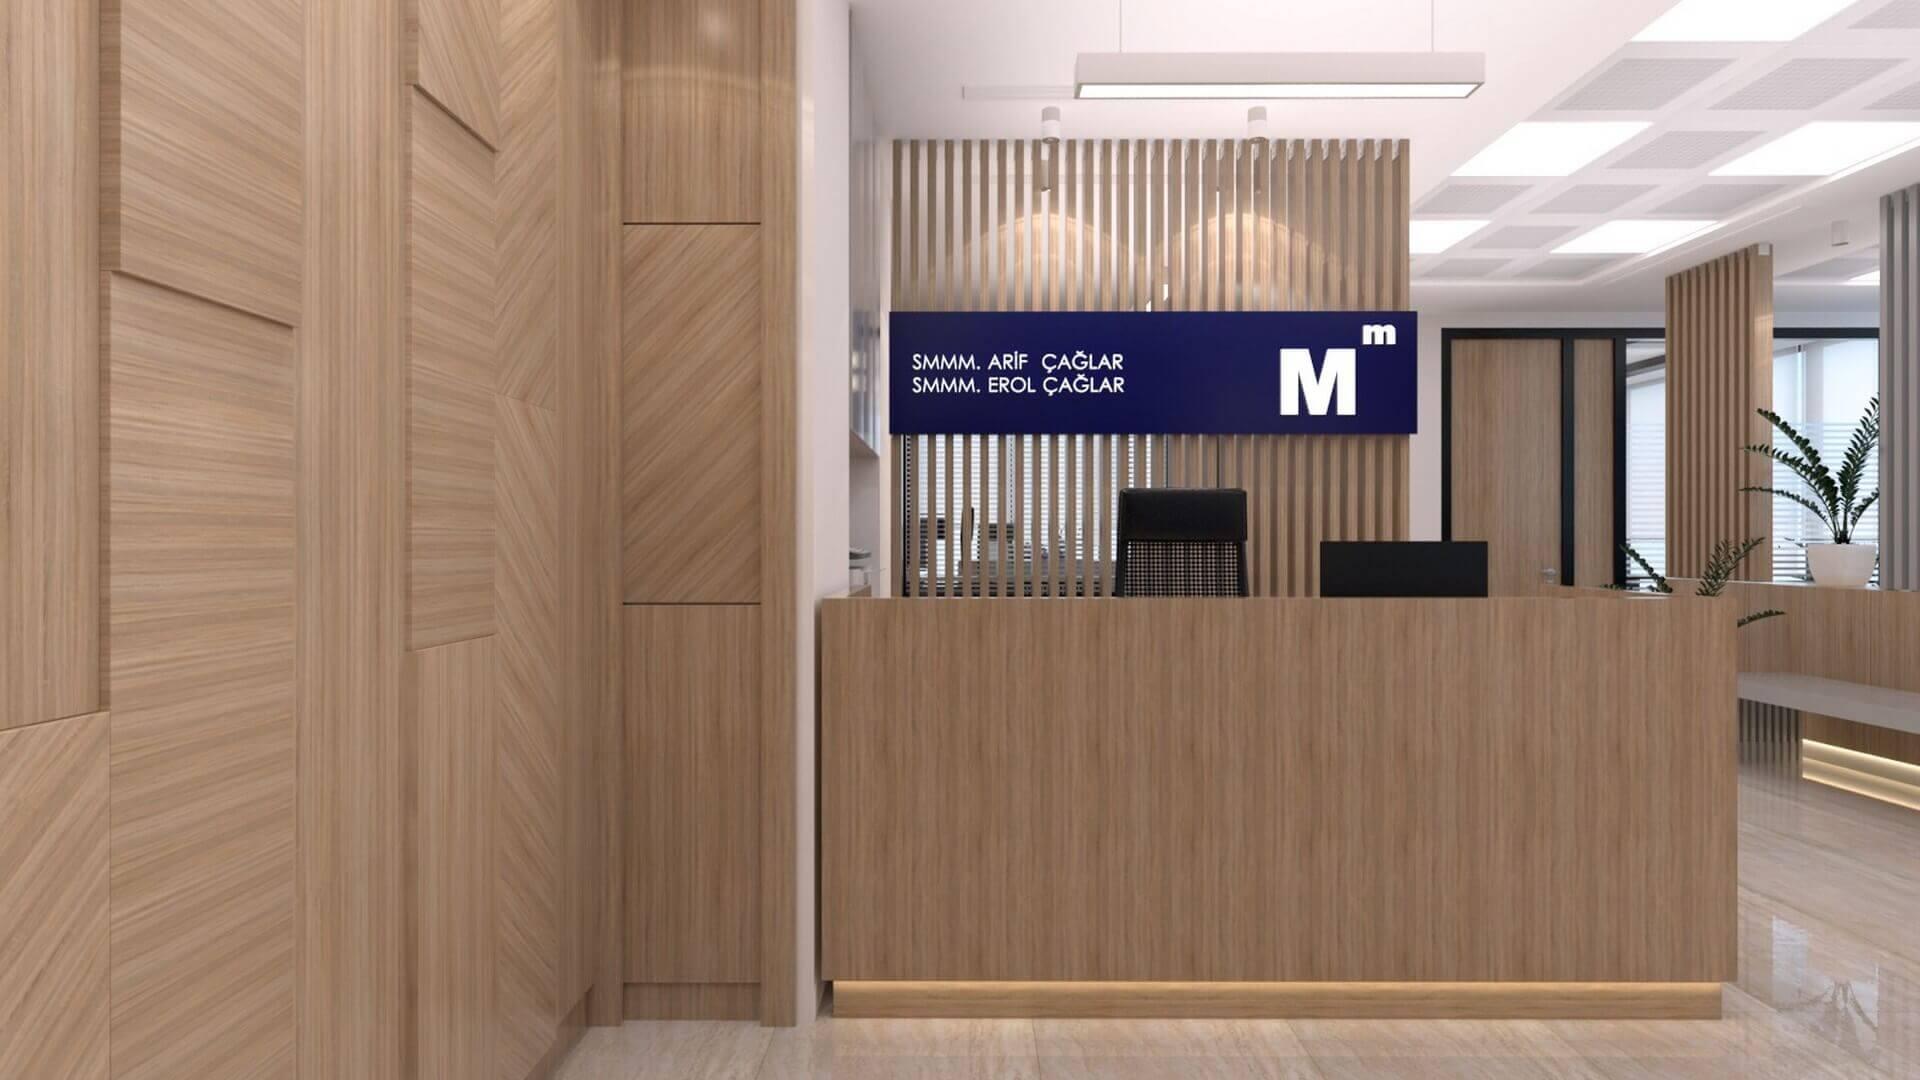 ofis mimari 2234 A. Çağlar SMMM Ofisi Ofisler